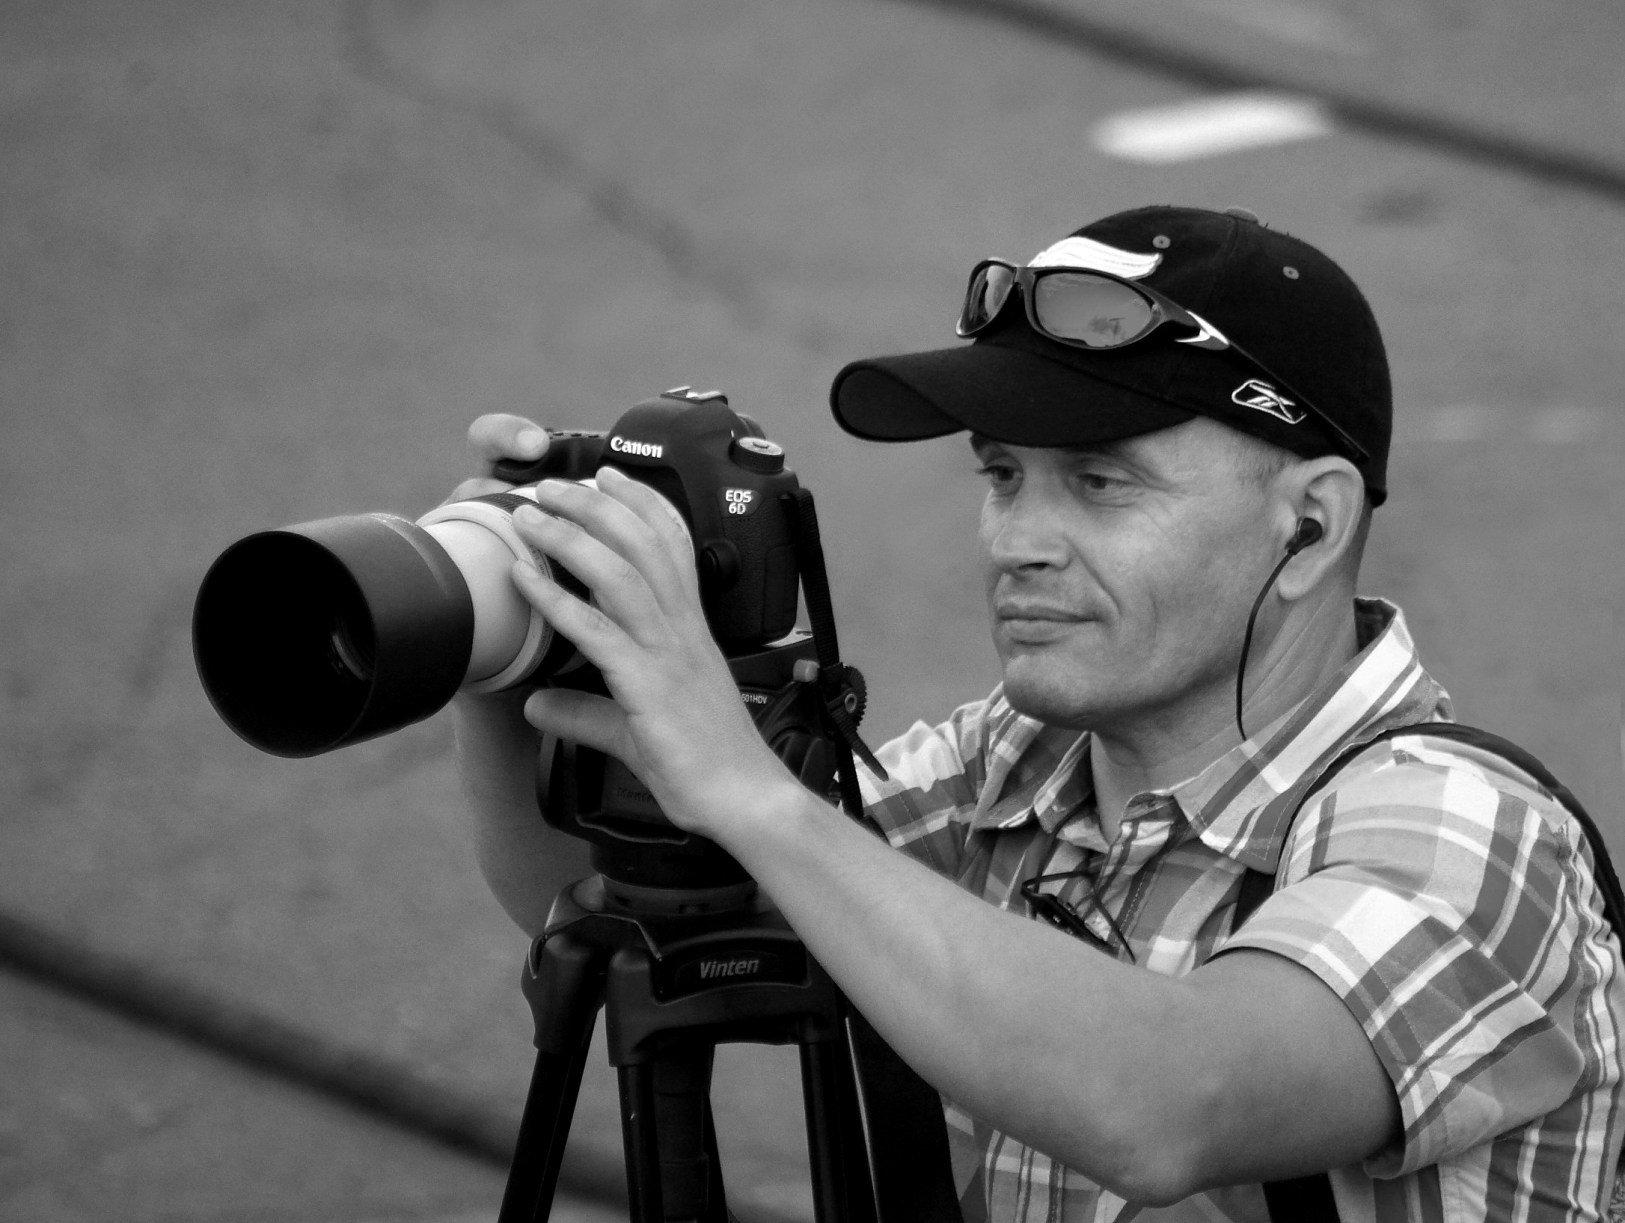 родился снимки фотографов любителей чашечек уже вагон